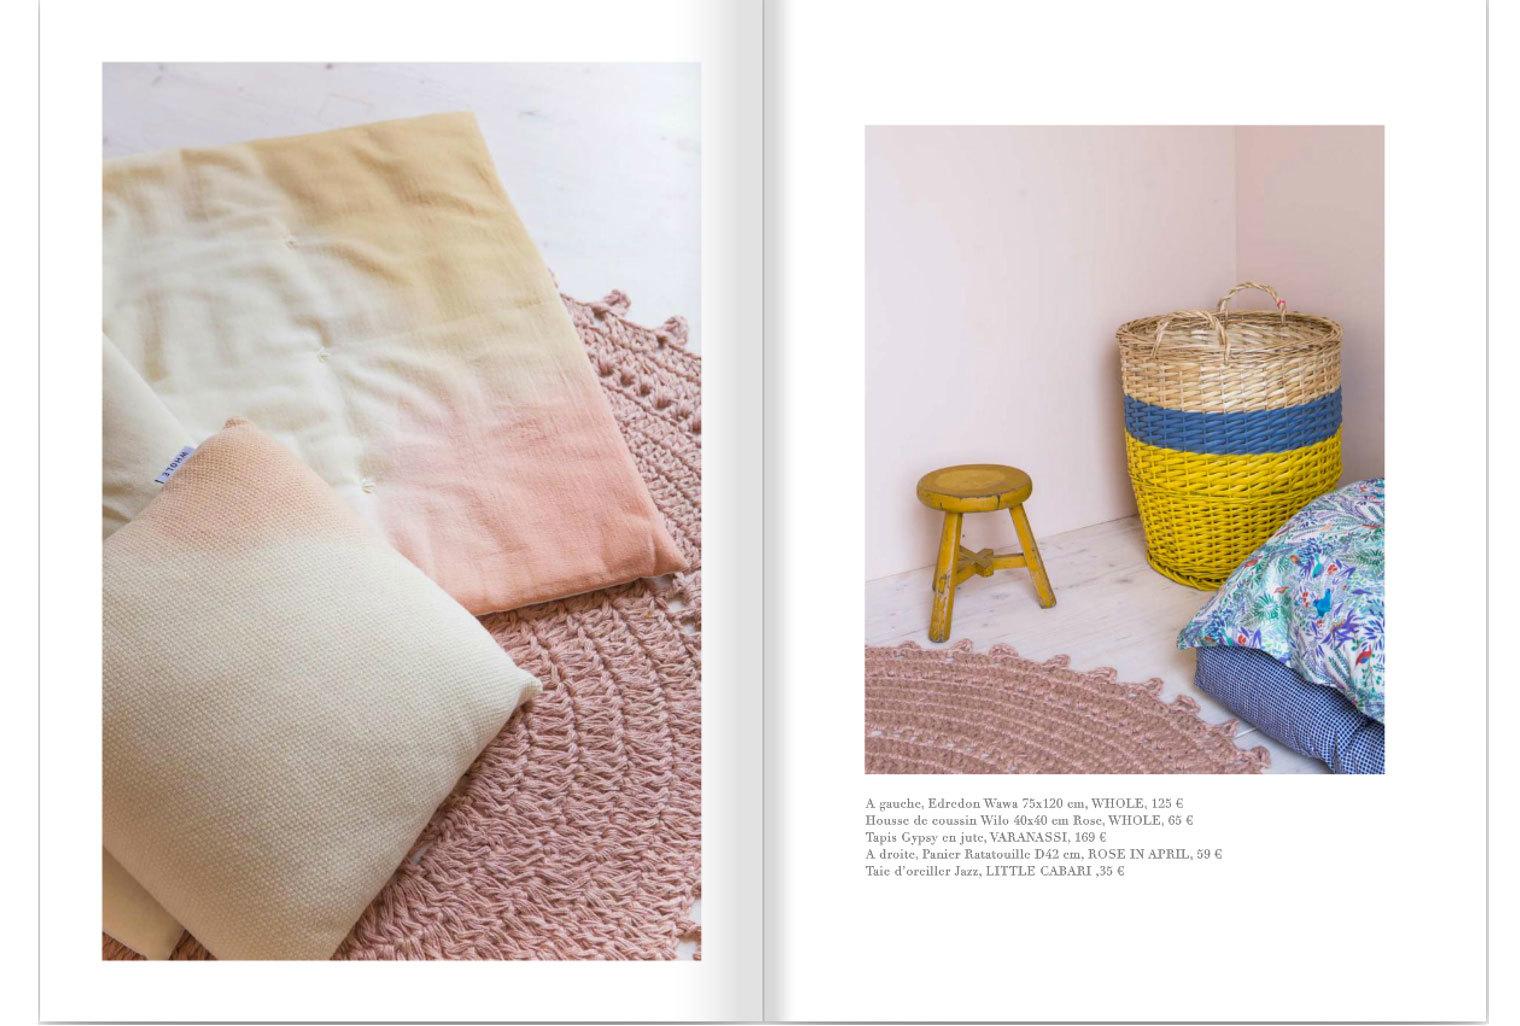 Gros plan sur Little Cabari dans le magazine Smallable